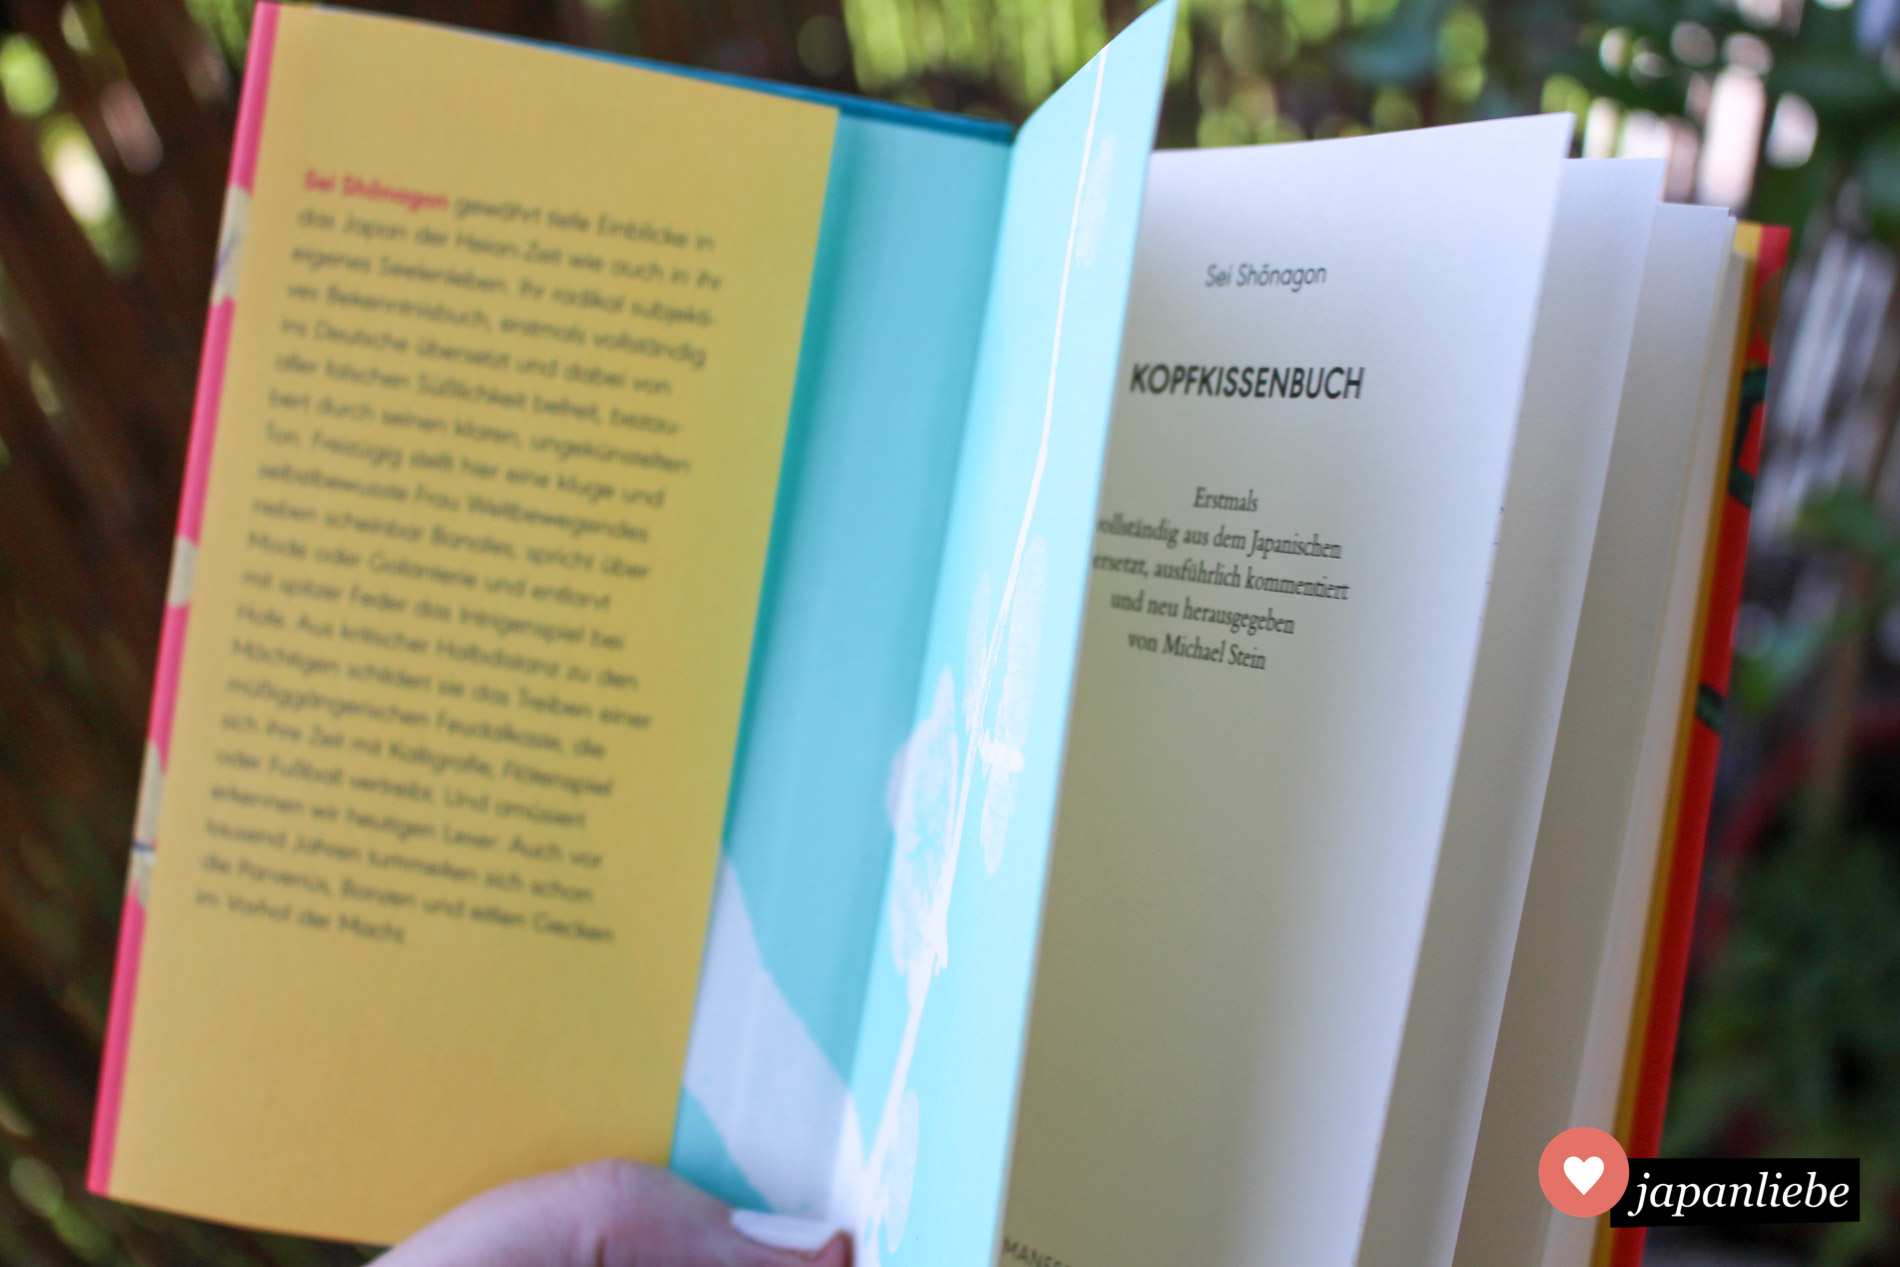 Die Ausgabe vom Manesse Verlag ist handlich, kommt mit einem schönen Schutzumschlag und Innenseiten mit Pflaumenmuster.